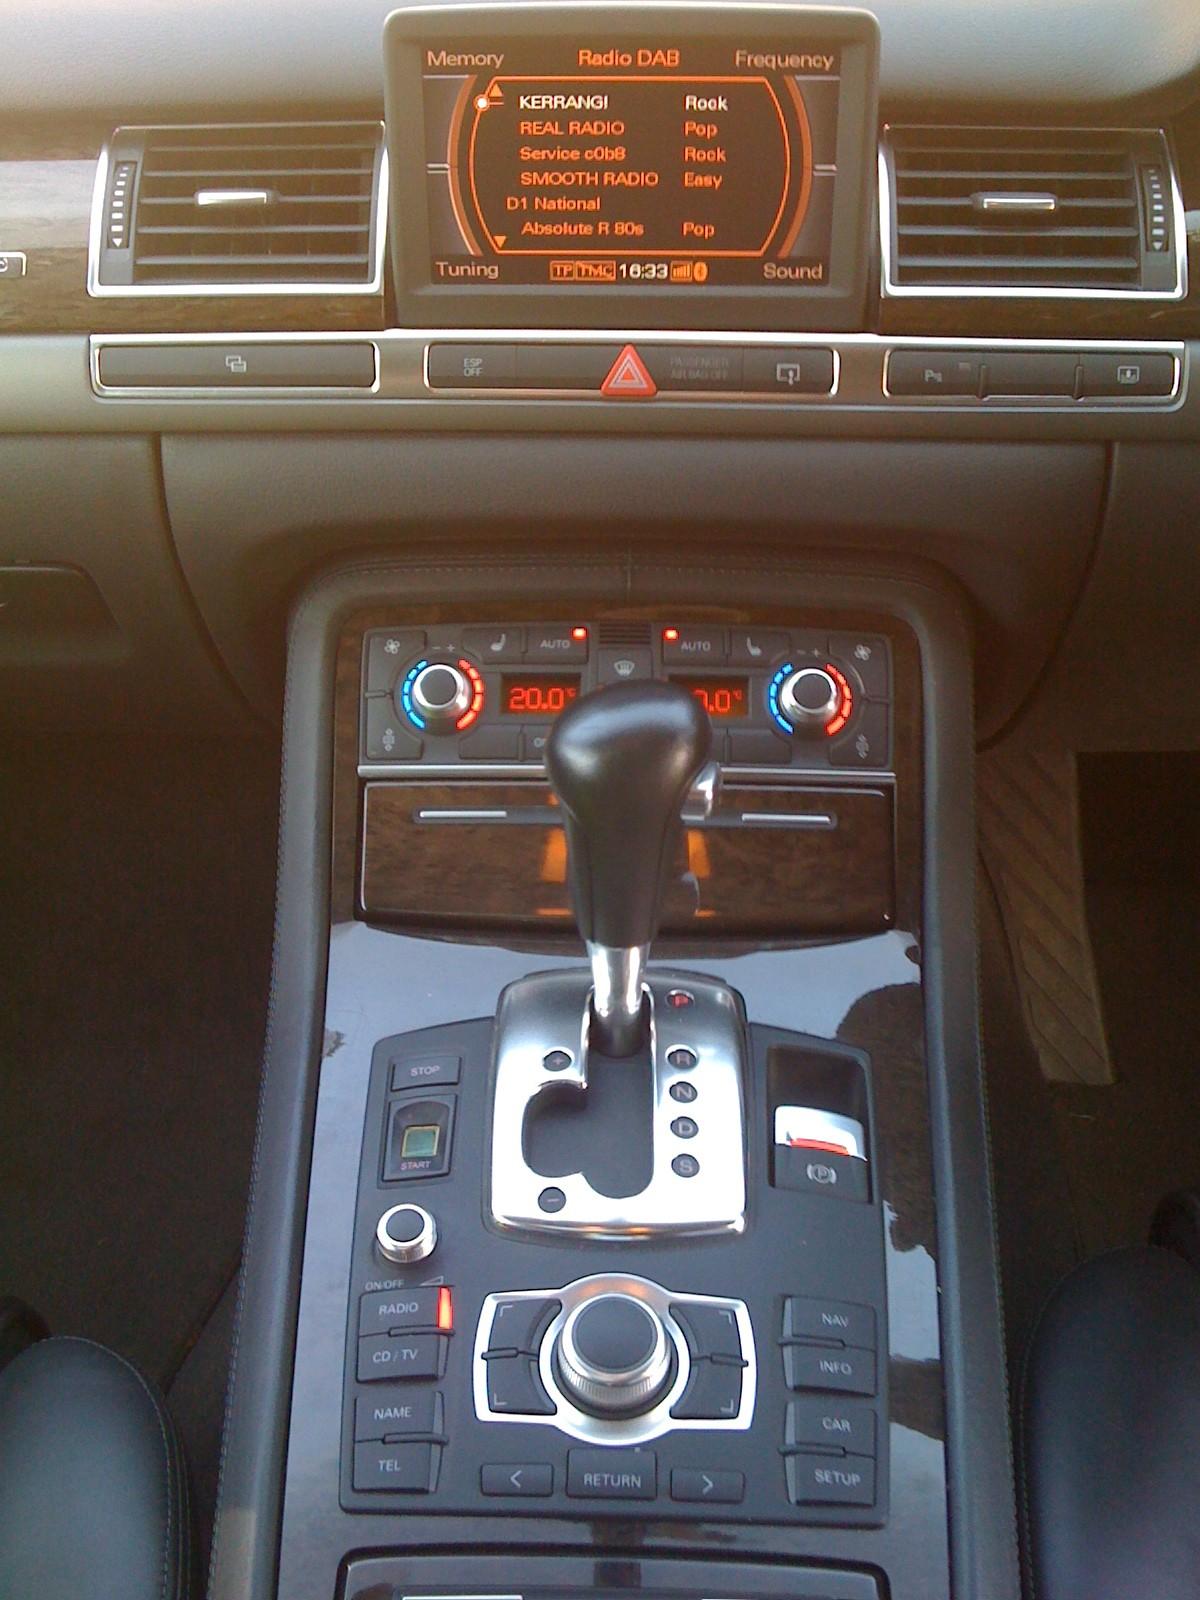 Audi AUDUTVSG MMI High G Twin Digital DVBT Freeview TV - Aud audi